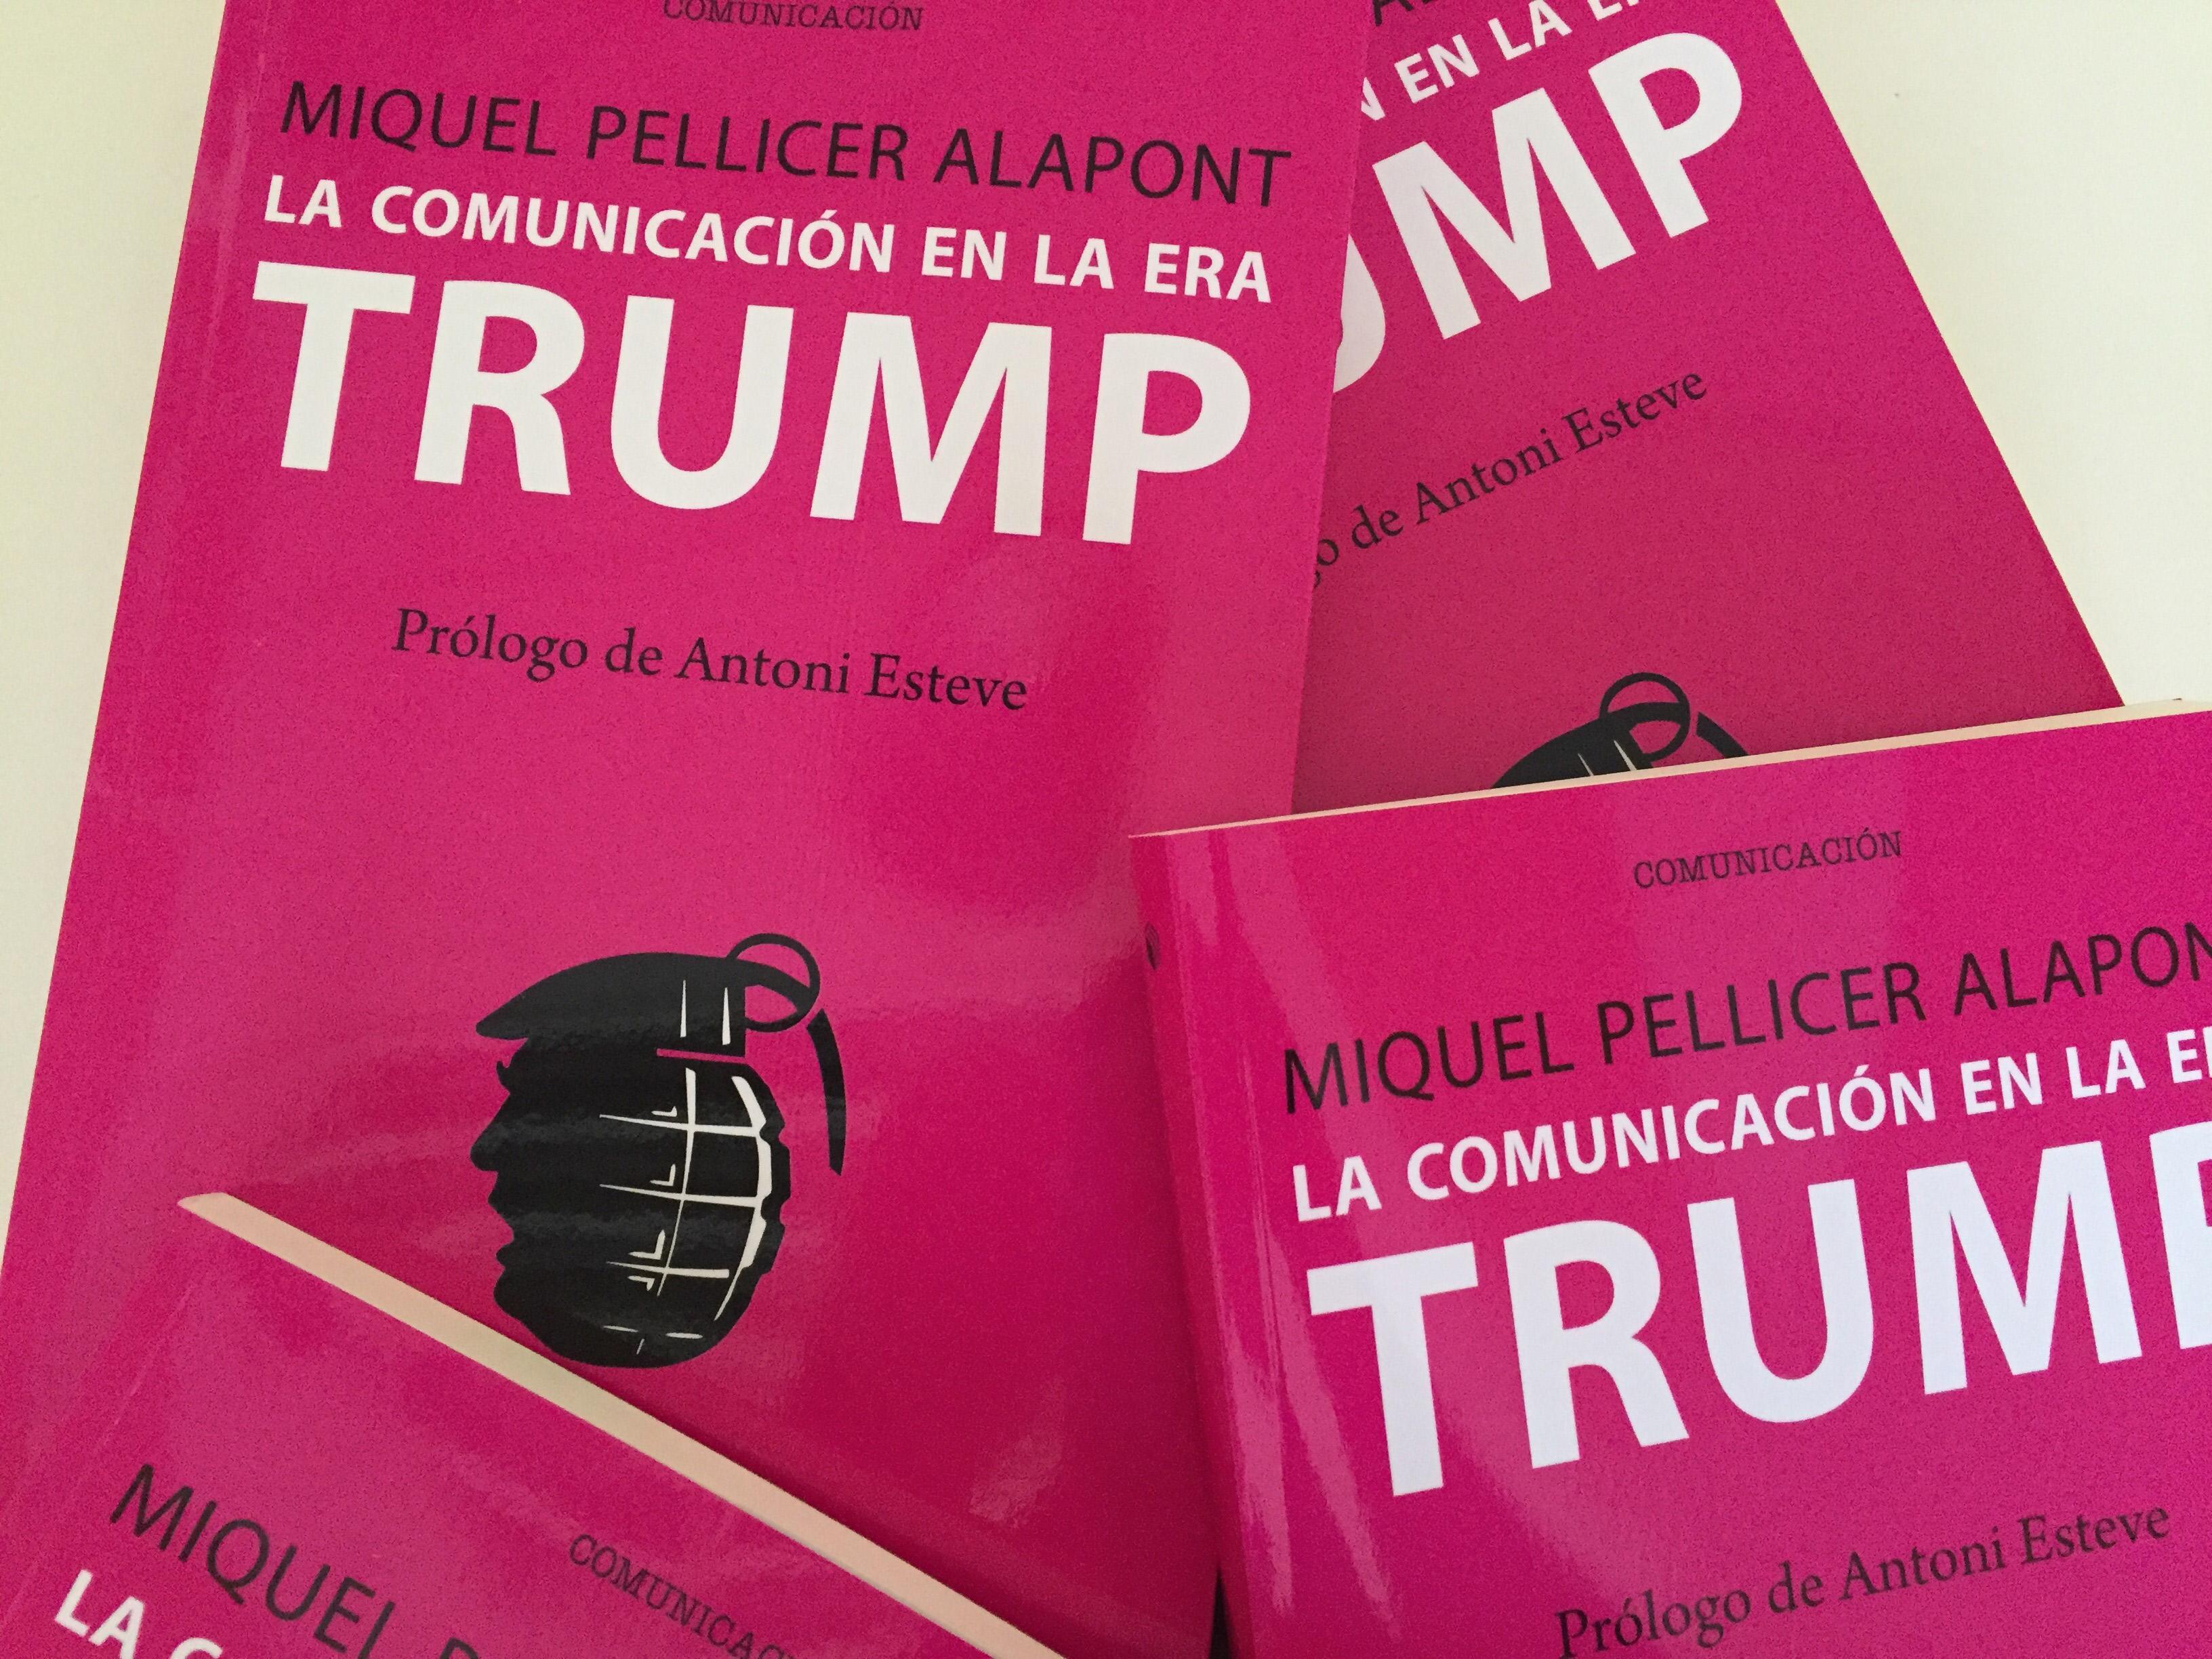 La comunicación en la era Trump' (UOC, 2017).